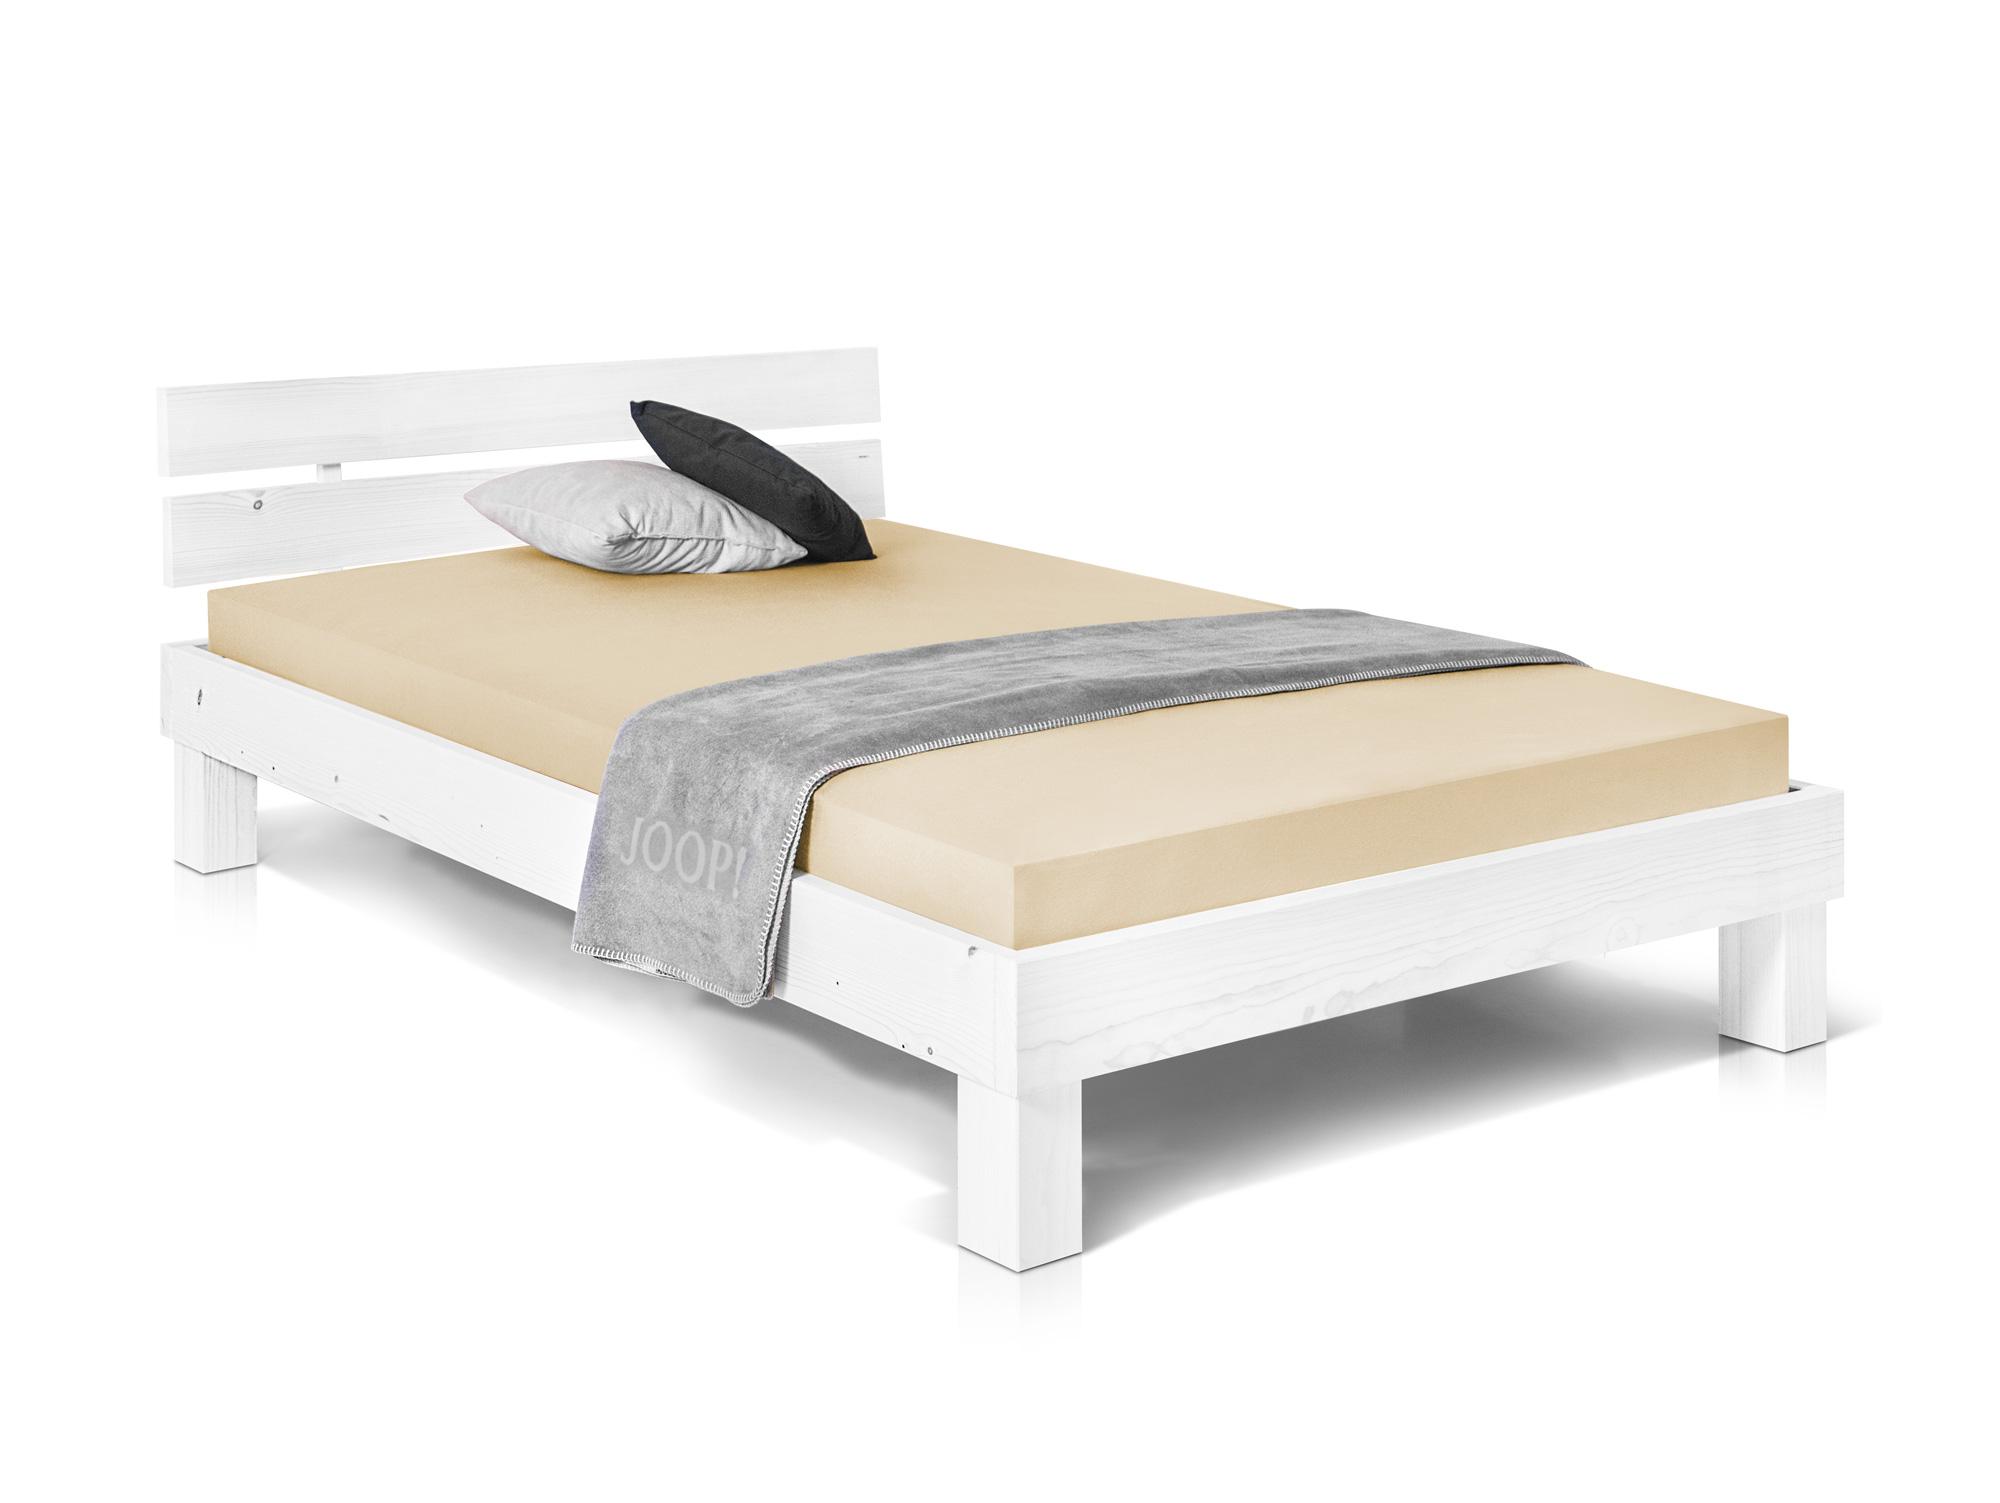 Full Size of Pumba Singlebett Bett Futonbett 120x200 Fichte Massiv Wei Weiss Mit Bettkasten Betten Weiß Matratze Und Lattenrost Wohnzimmer Bettgestell 120x200